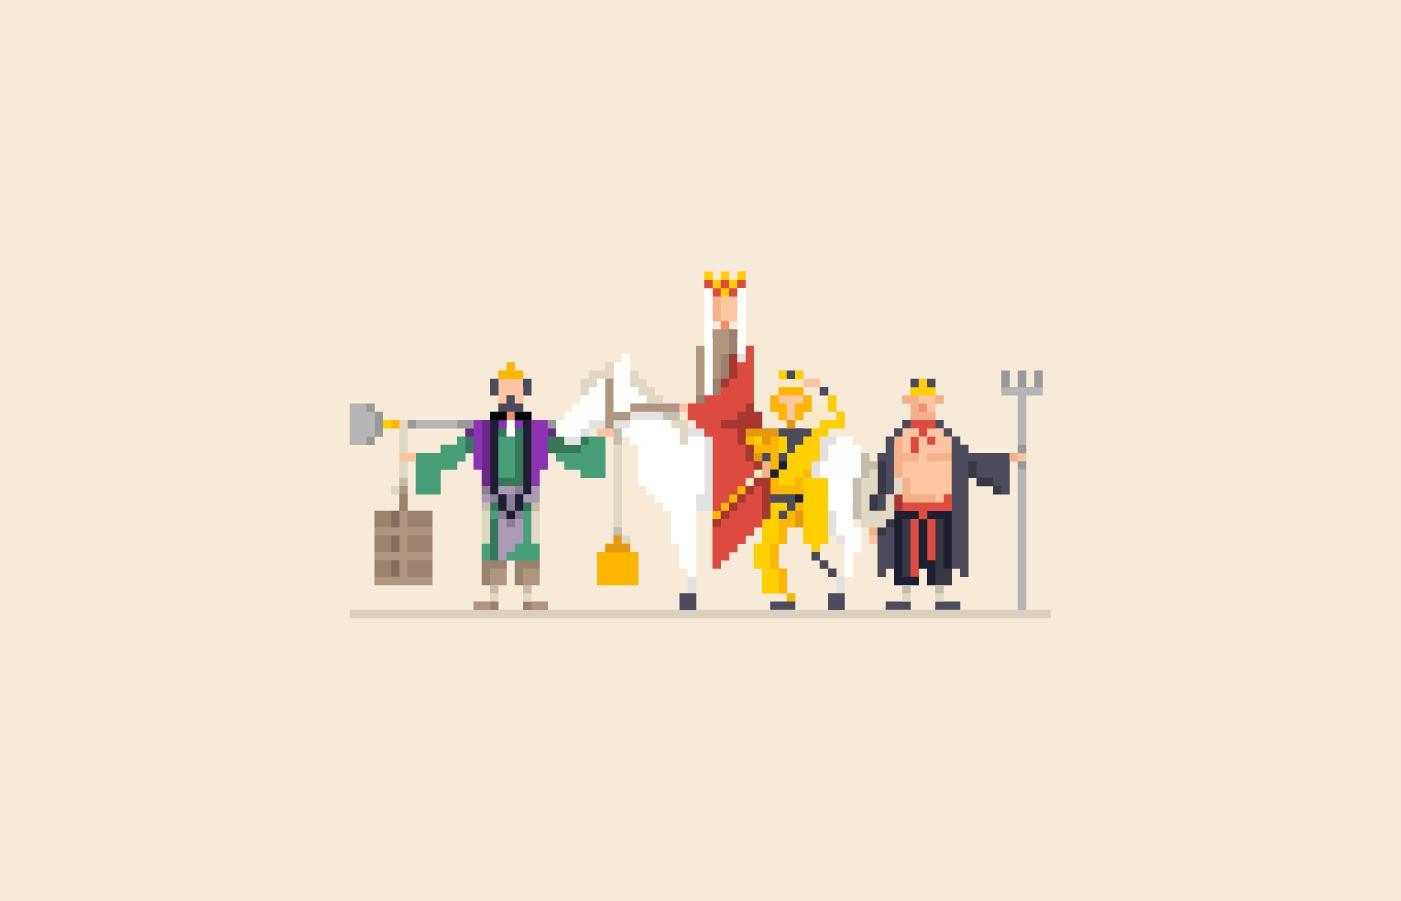 Khi những bộ phim truyền hình tuổi thơ đồng loạt trở thành game 8-bit, bạn có còn nhận ra!? - Ảnh 9.